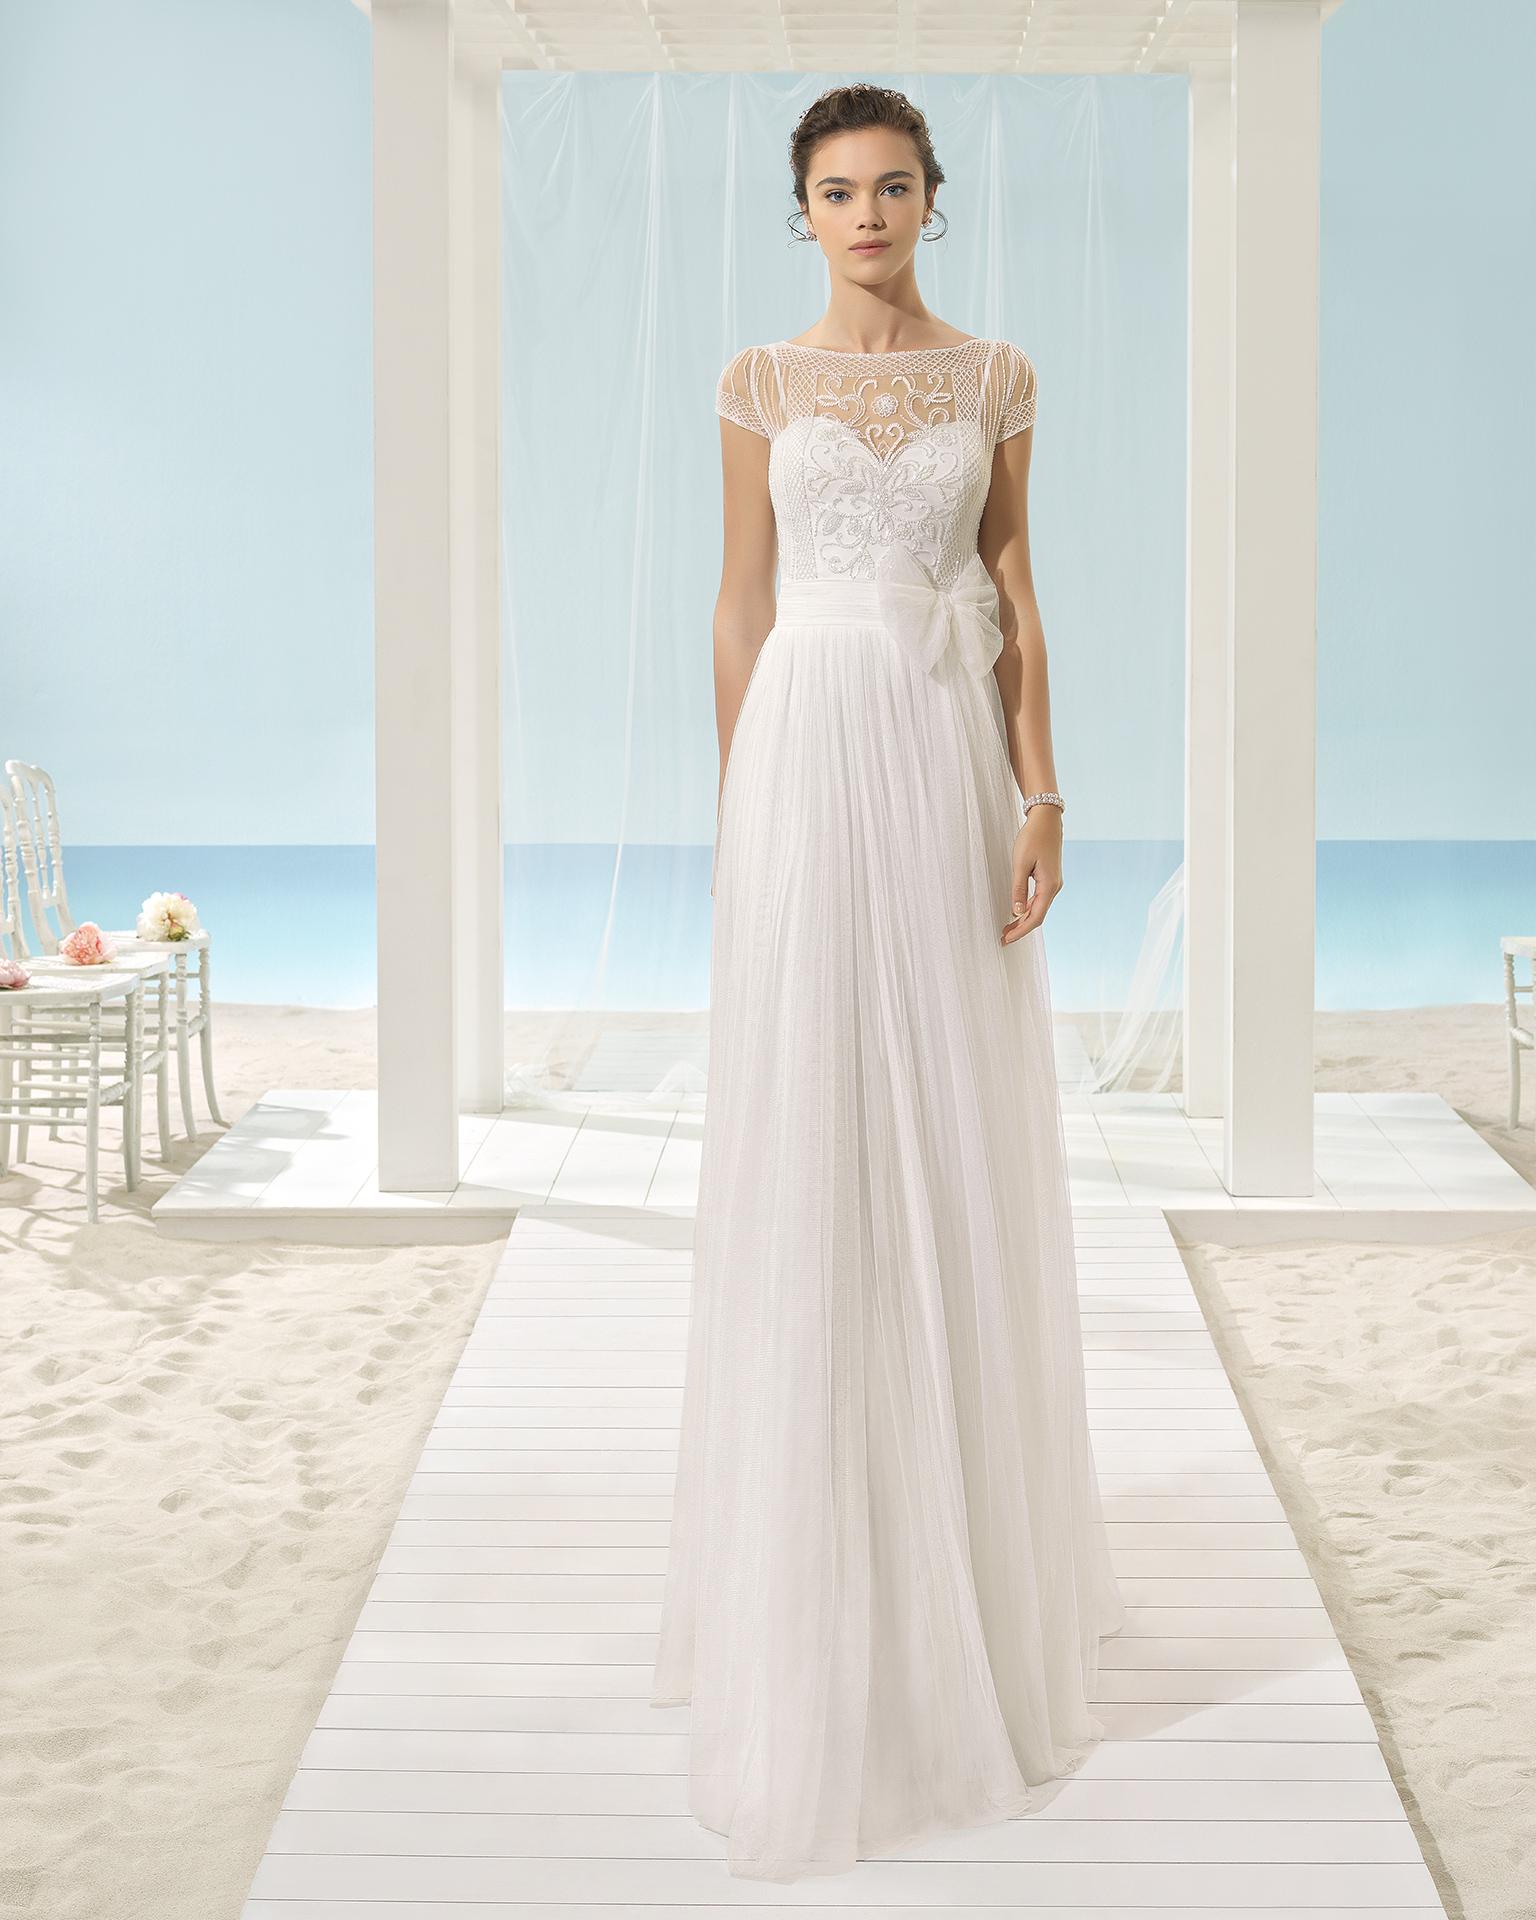 XENOP rochie de mireasă Aire Barcelona Beach Wedding 2017